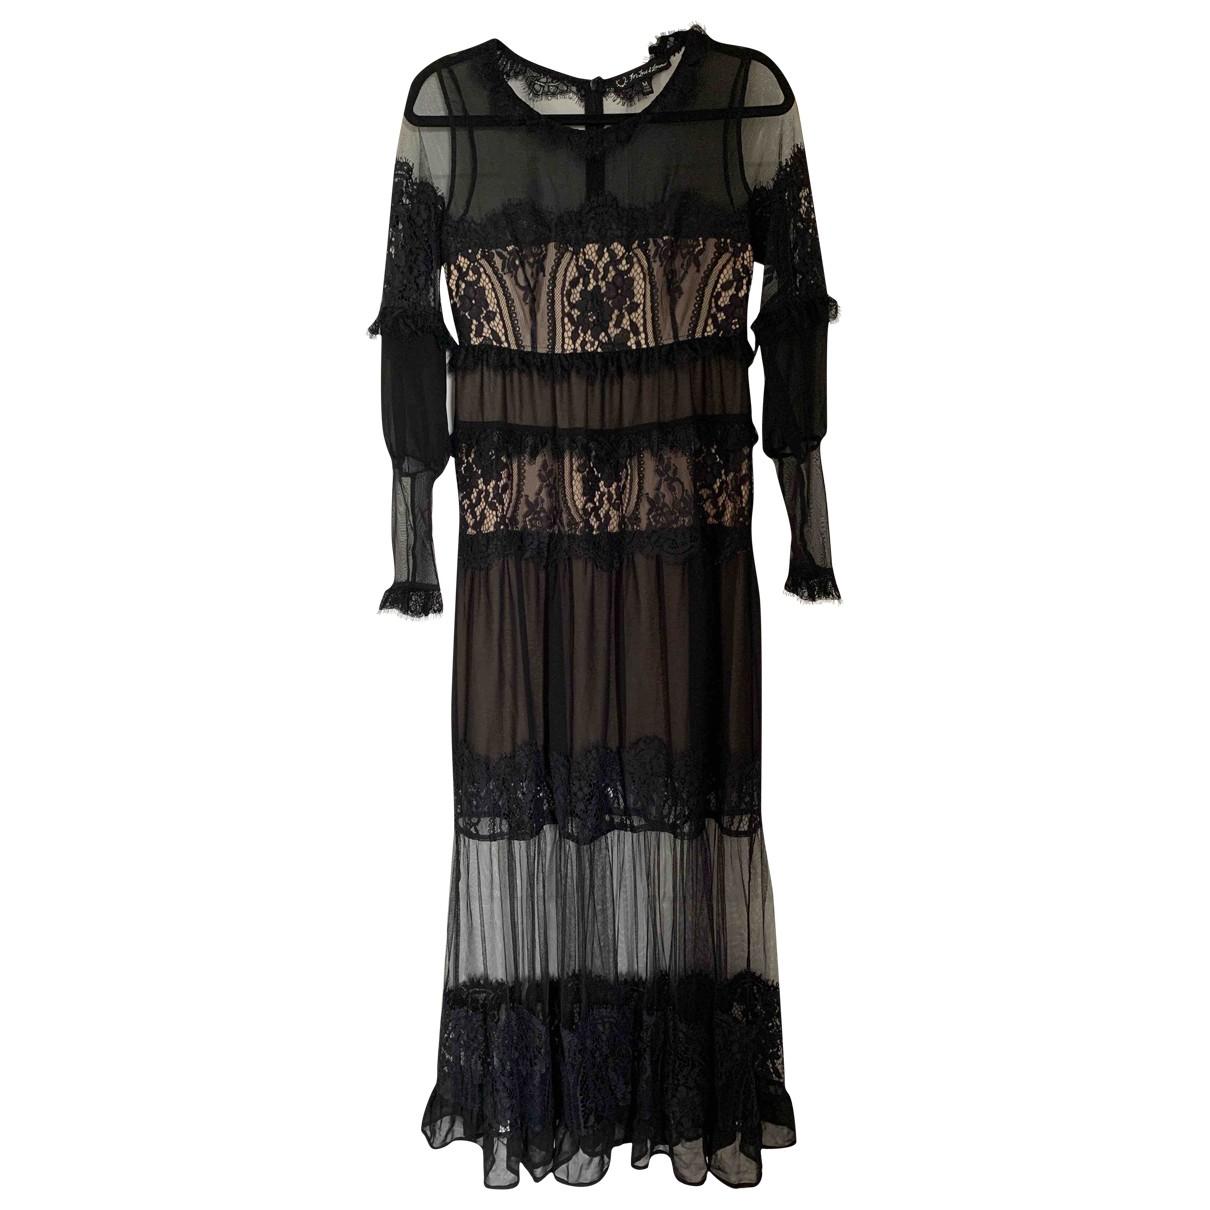 For Love & Lemons \N Black Lace dress for Women M International